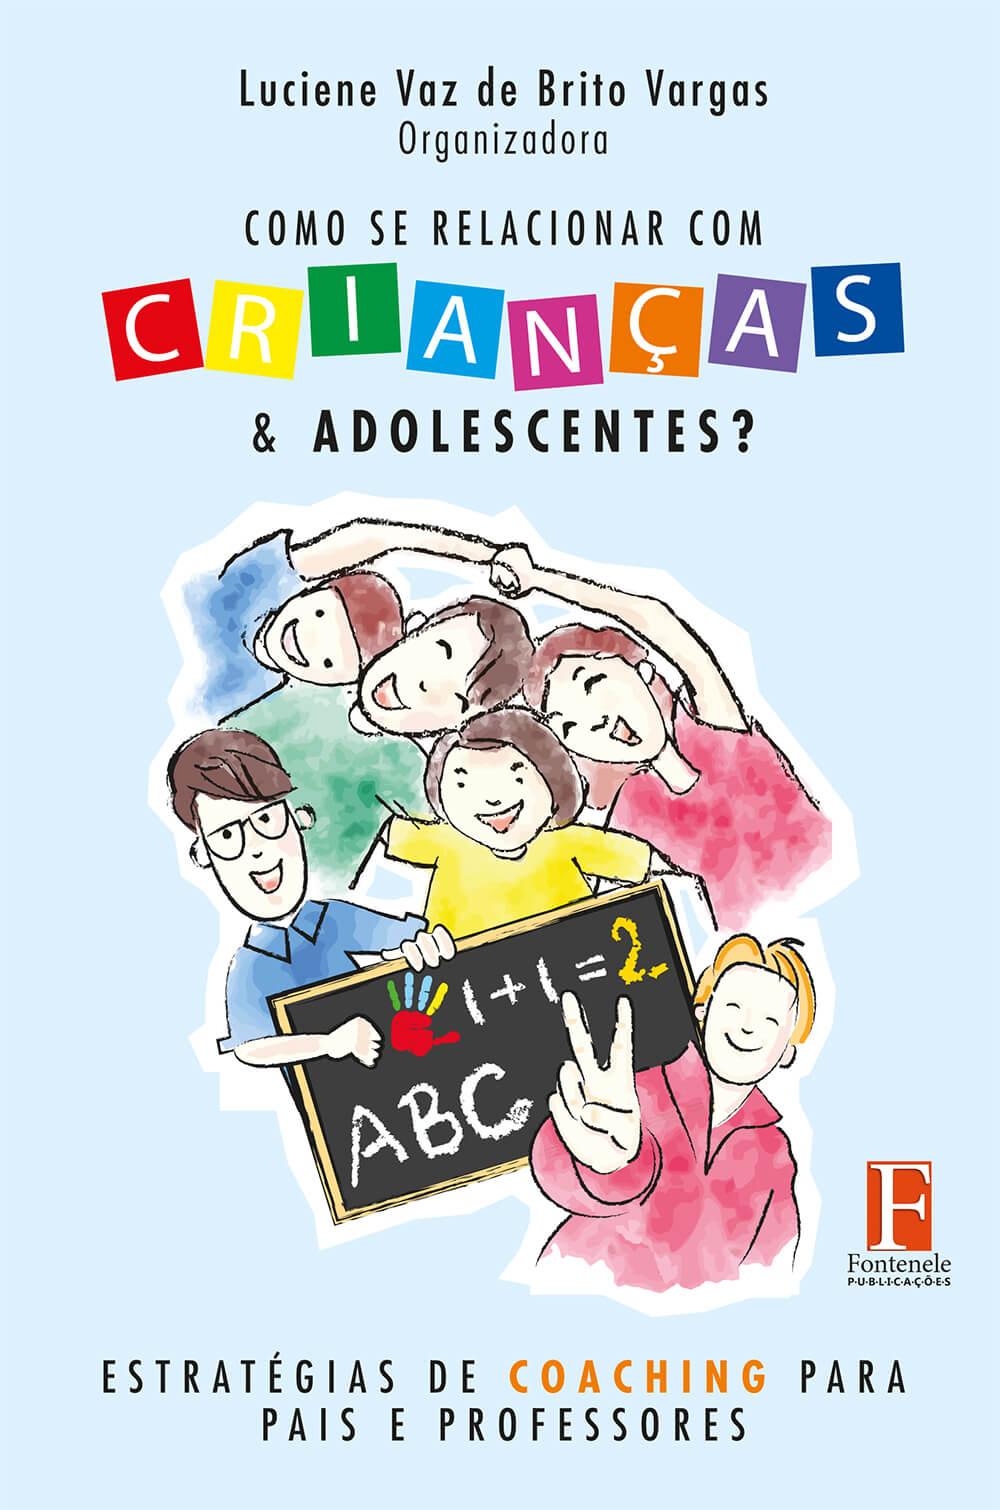 Fontenele Publicações / 11 95150-3481 / 11  95150-4383 Como se relacionar com crianças e adolescentes? Estratégias de coaching para pais e professores